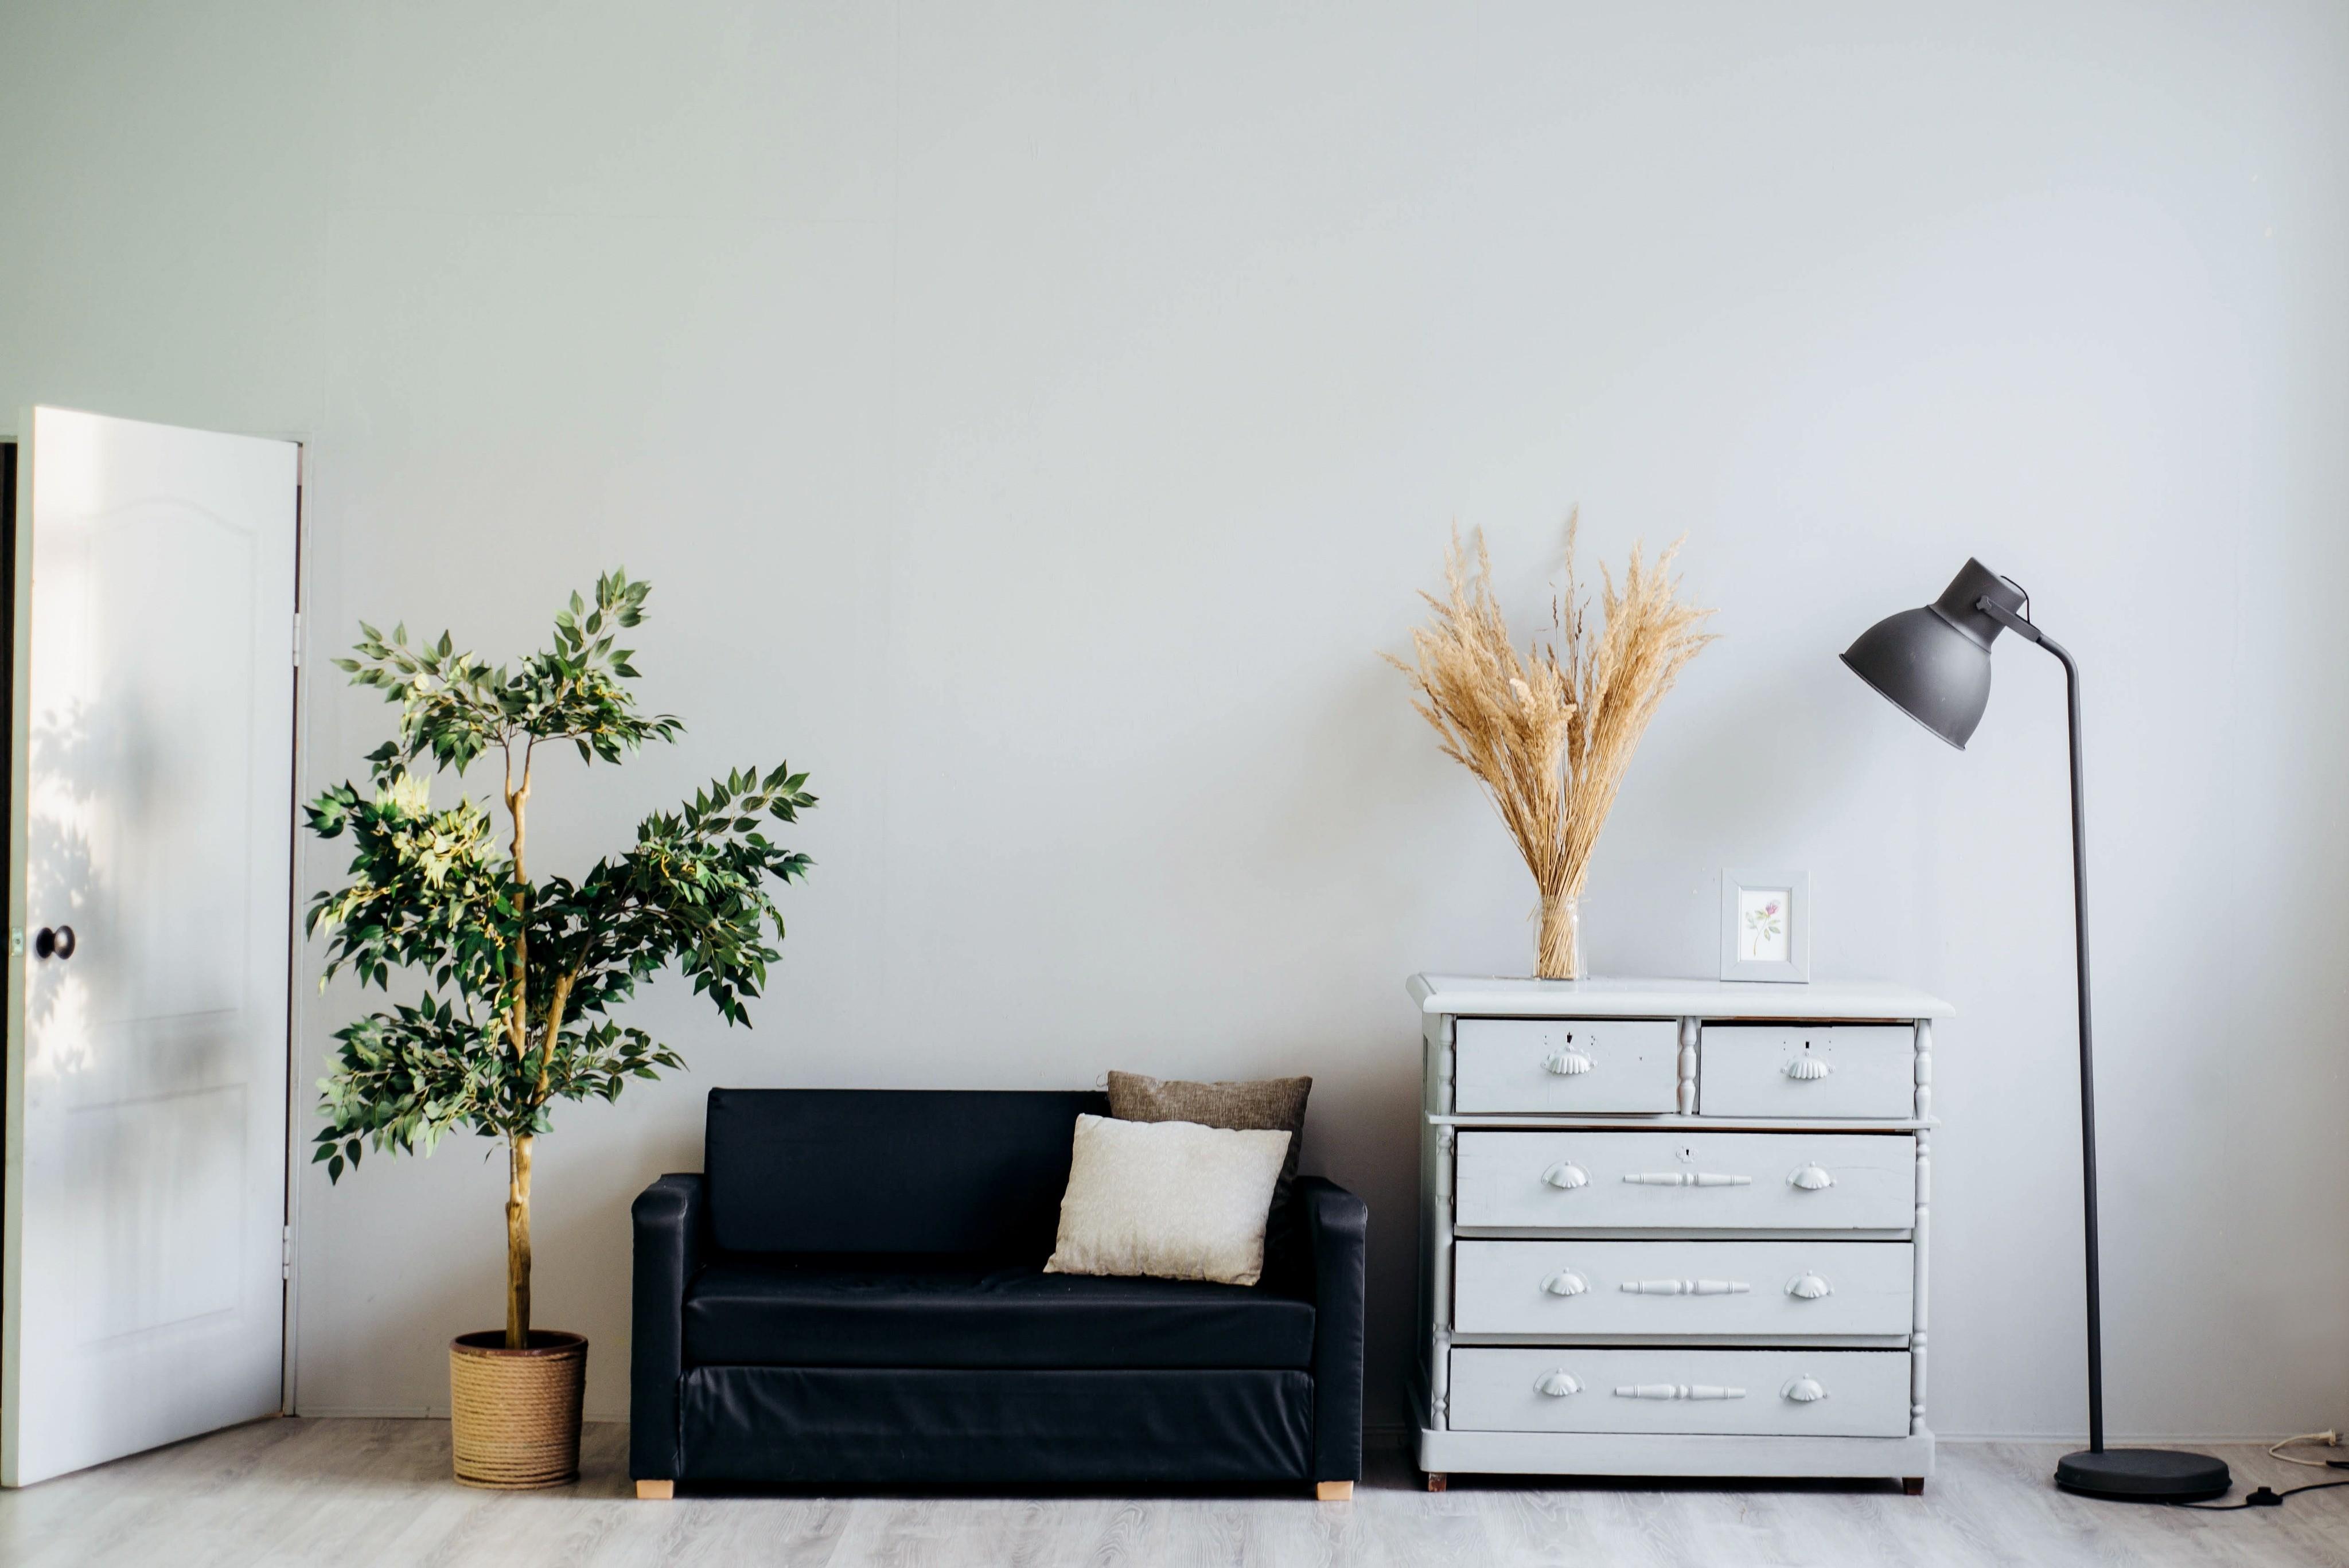 Лайфхак для квартиросъемщиков: девушка нашла оригинальный способ проучить дотошного риелтора